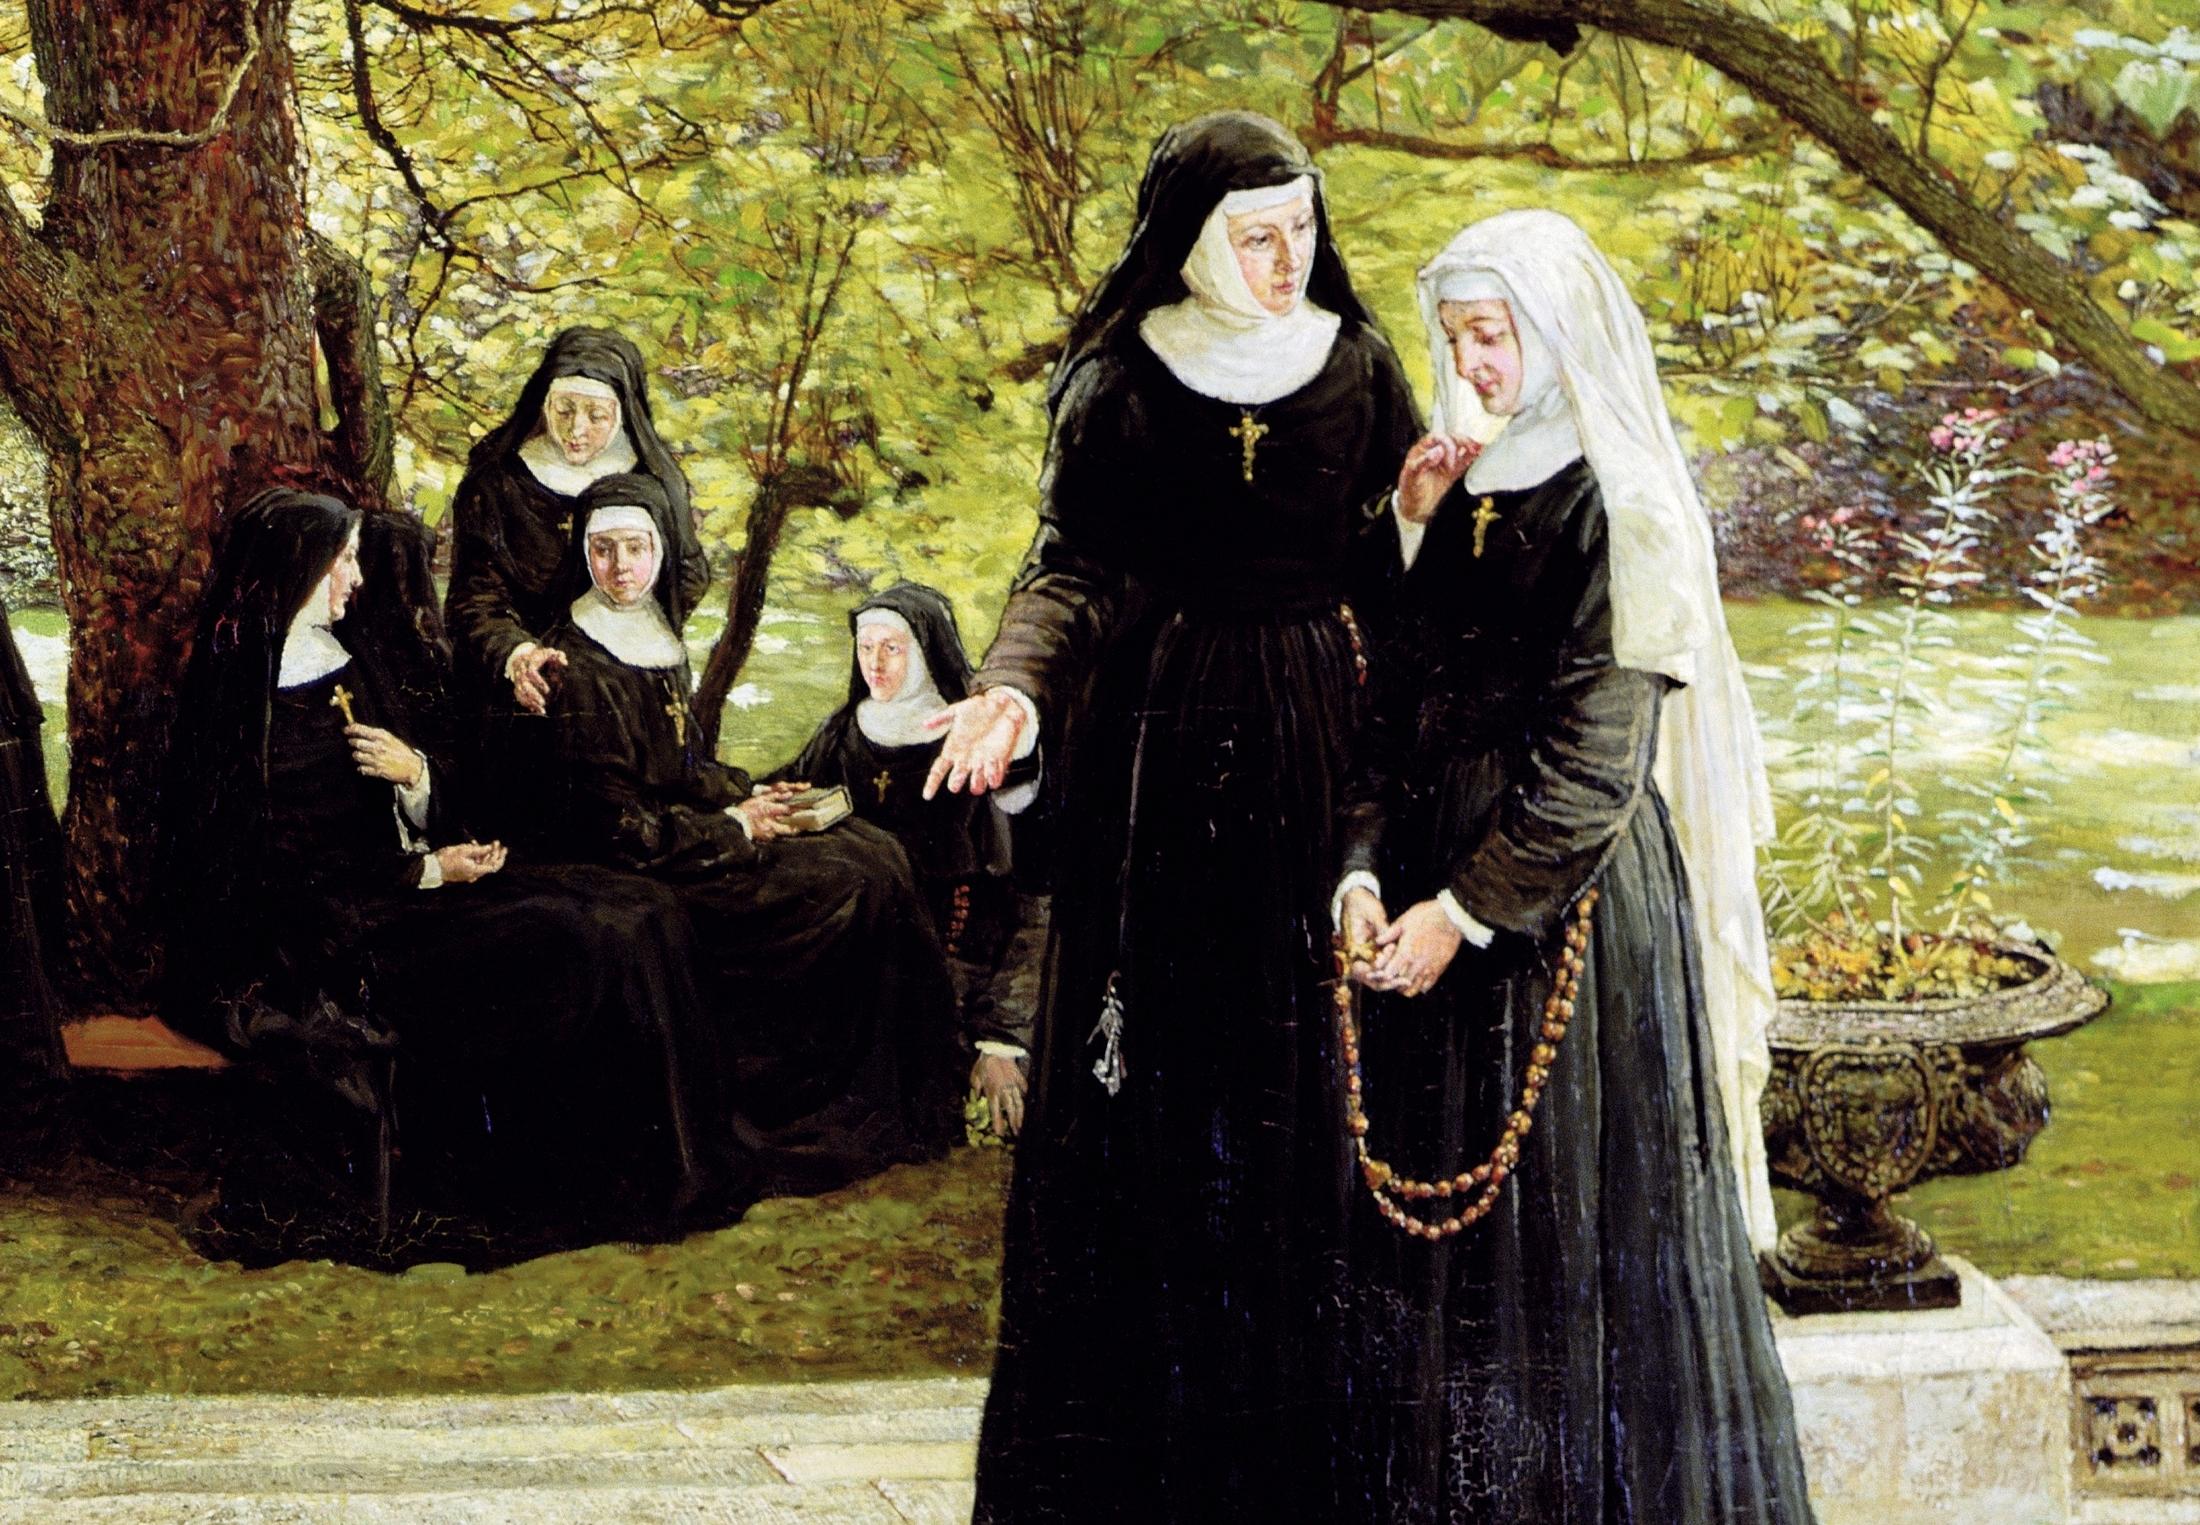 Geile lesbische nonnen